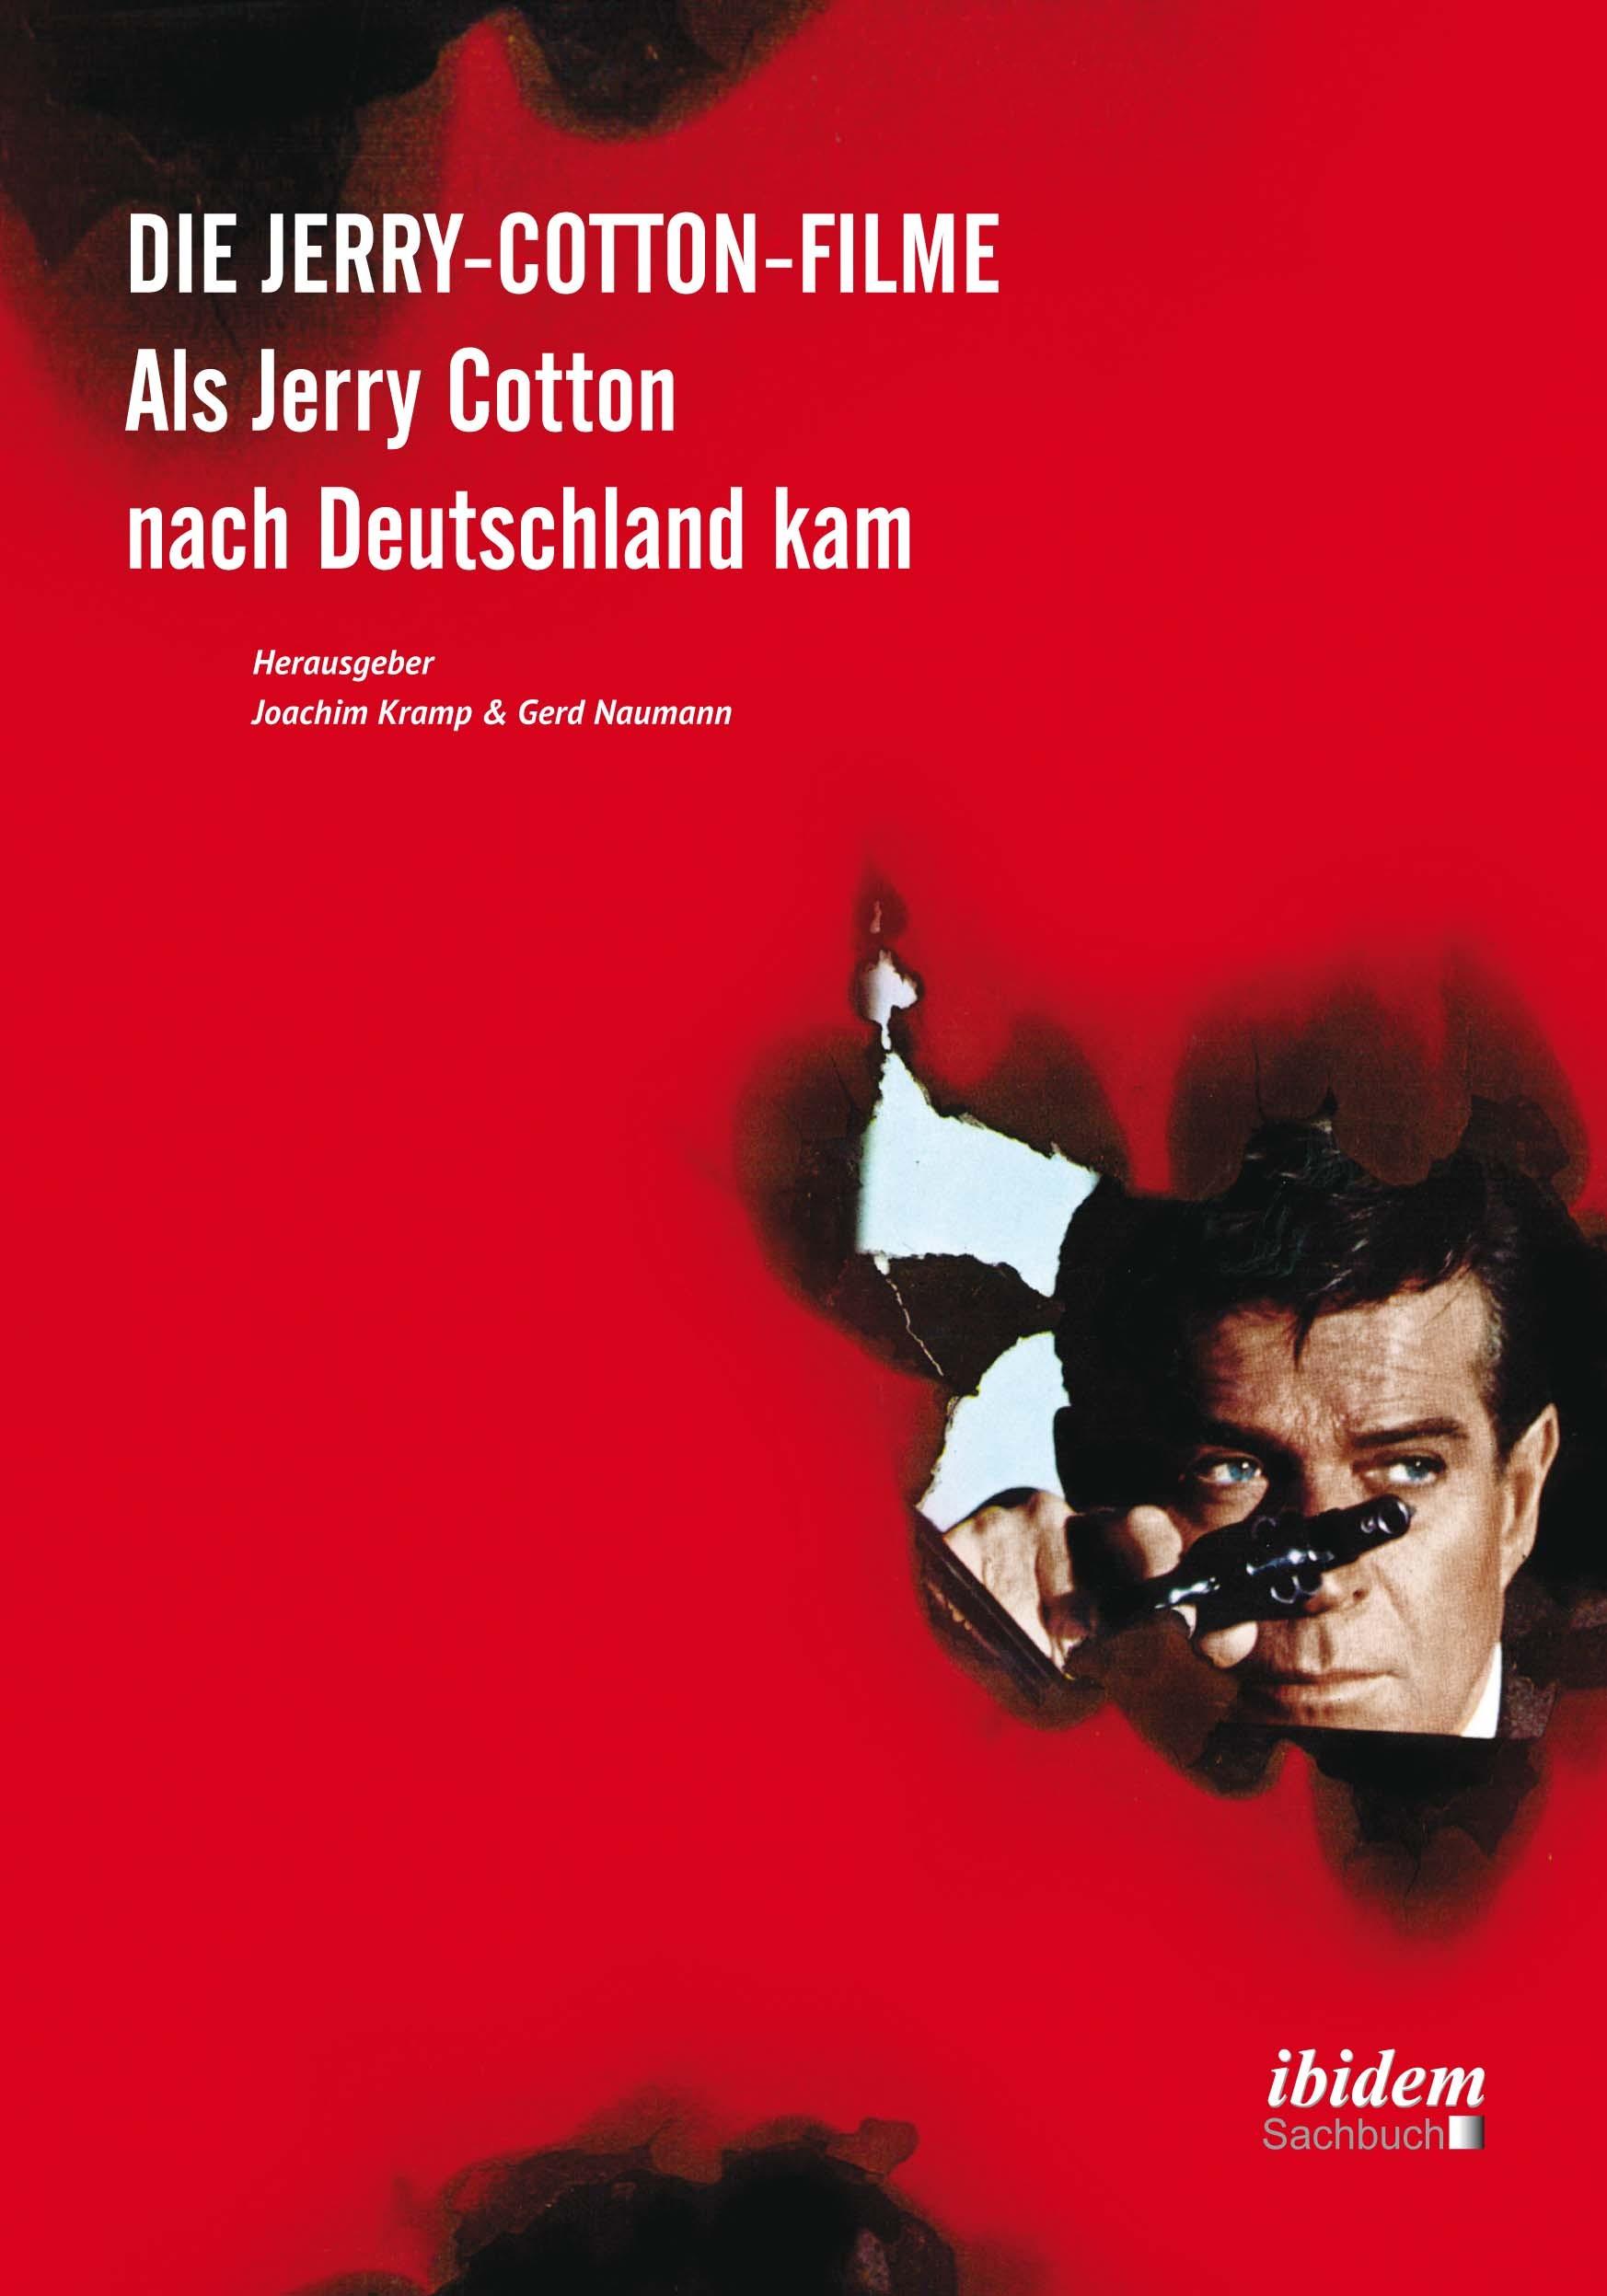 Die Jerry-Cotton-Filme